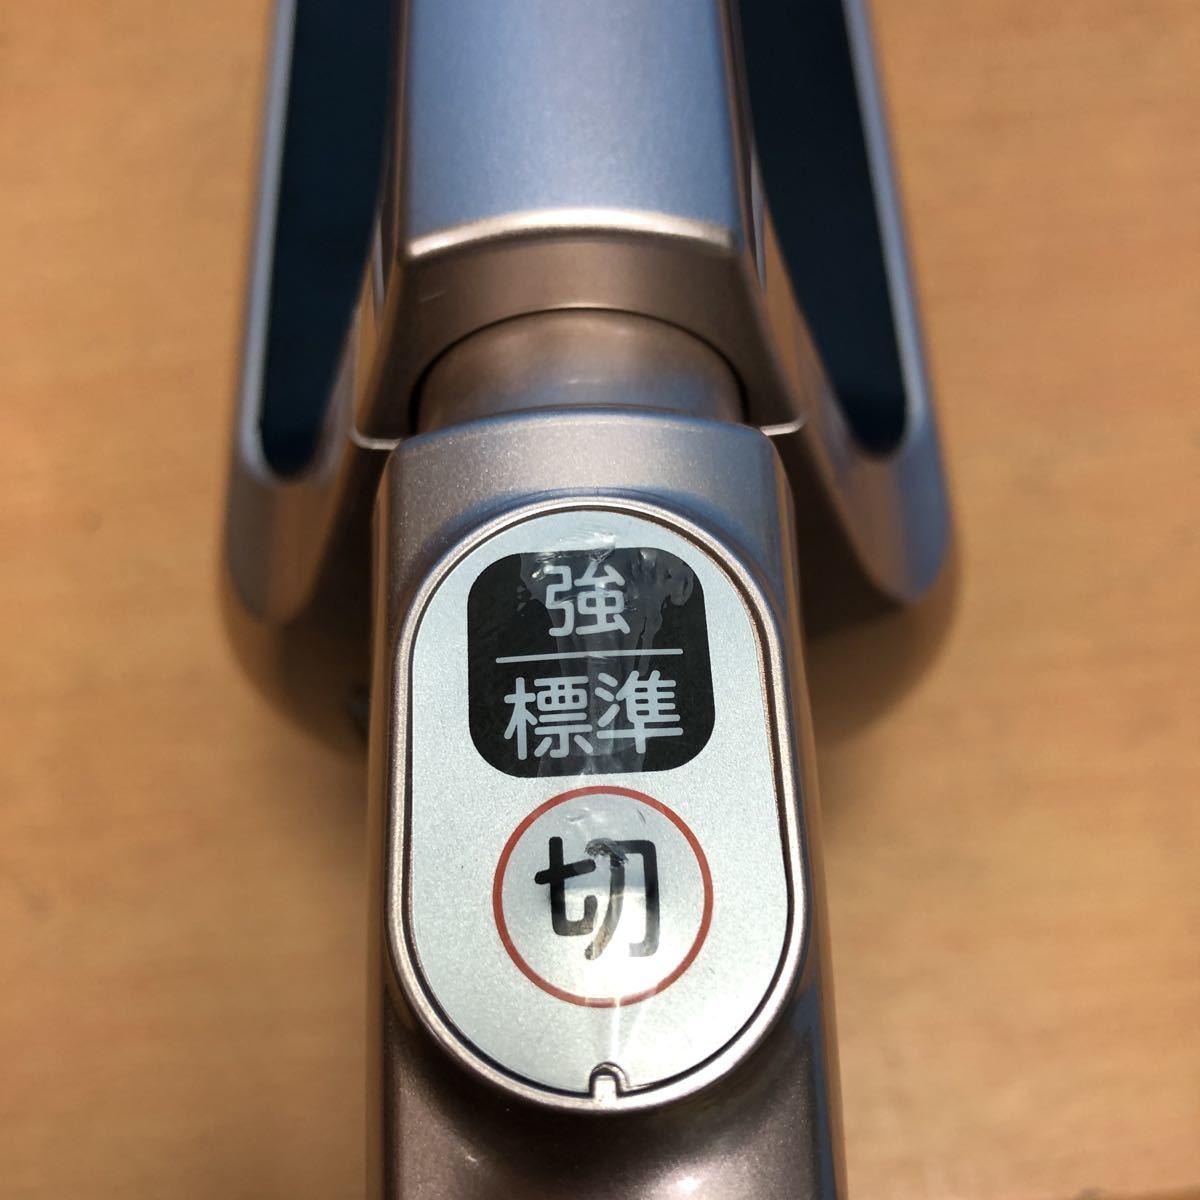 HITACHI パワーブースト サイクロン式コードレスクリーナー PV-BD700 16年製 店舗展示サンプル用実演機_画像5